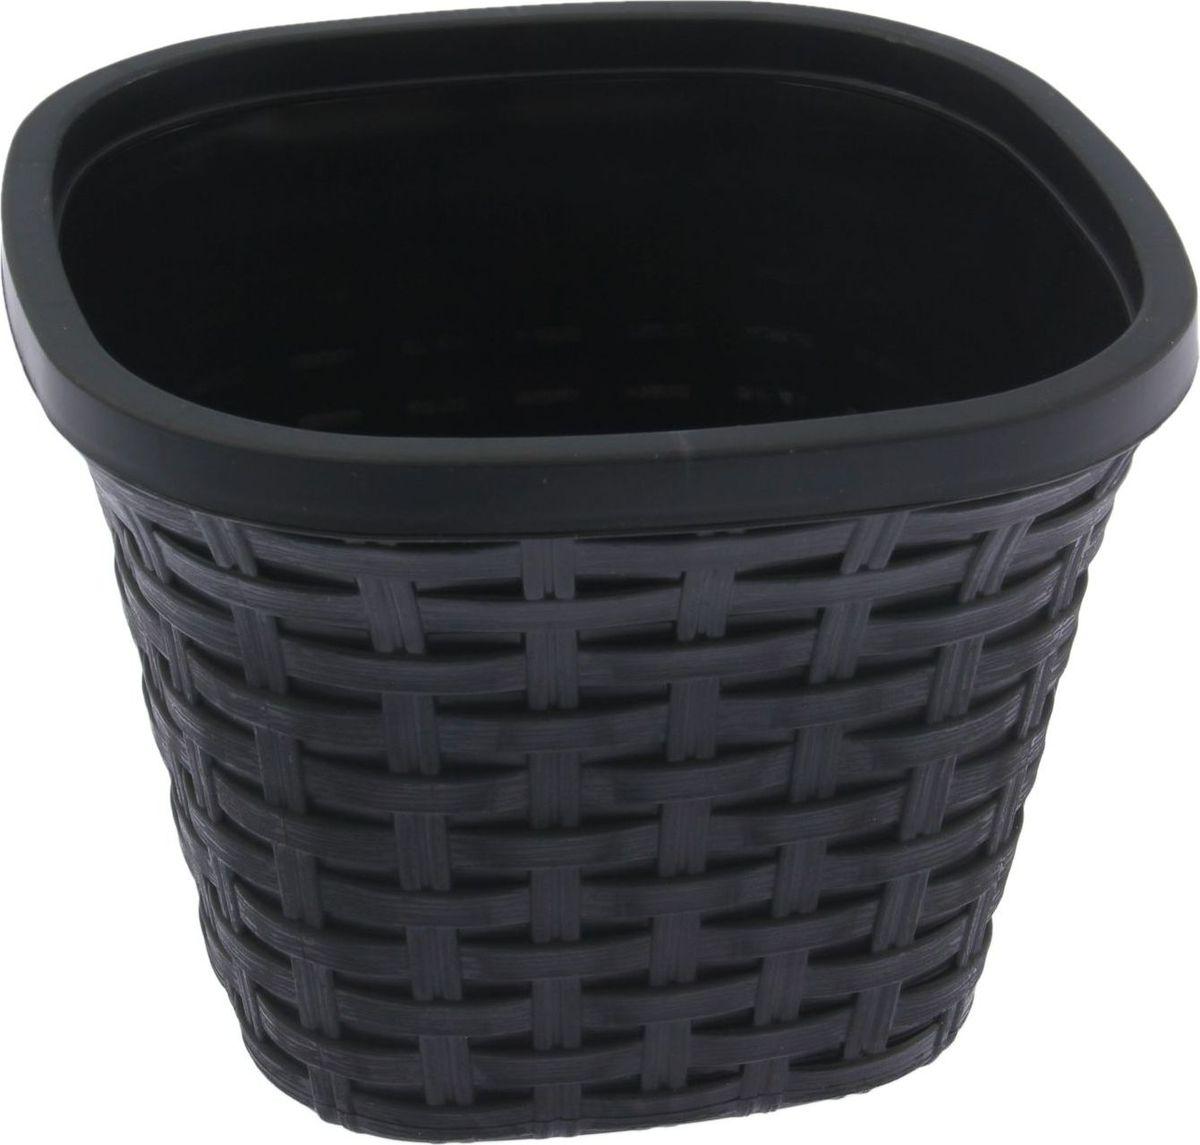 Кашпо квадратное Violet Ротанг, с дренажной системой, цвет: черный, 2,6 л33260/7Любой, даже самый современный и продуманный интерьер будет незавершённым без растений. Они не только очищают воздух и насыщают его кислородом, но и украшают окружающее пространство. Такому полезному члену семьи просто необходим красивый и функциональный дом! Мы предлагаем #name#! Оптимальный выбор материала — пластмасса! Почему мы так считаем?Малый вес. С лёгкостью переносите горшки и кашпо с места на место, ставьте их на столики или полки, не беспокоясь о нагрузке. Простота ухода. Кашпо не нуждается в специальных условиях хранения. Его легко чистить — достаточно просто сполоснуть тёплой водой. Никаких потёртостей. Такие кашпо не царапают и не загрязняют поверхности, на которых стоят. Пластик дольше хранит влагу, а значит, растение реже нуждается в поливе. Пластмасса не пропускает воздух — корневой системе растения не грозят резкие перепады температур. Огромный выбор форм, декора и расцветок — вы без труда найдёте что-то, что идеально впишется в уже существующий интерьер. Соблюдая нехитрые правила ухода, вы можете заметно продлить срок службы горшков и кашпо из пластика:всегда учитывайте размер кроны и корневой системы (при разрастании большое растение способно повредить маленький горшок)берегите изделие от воздействия прямых солнечных лучей, чтобы горшки не выцветалидержите кашпо из пластика подальше от нагревающихся поверхностей. Создавайте прекрасные цветочные композиции, выращивайте рассаду или необычные растения.